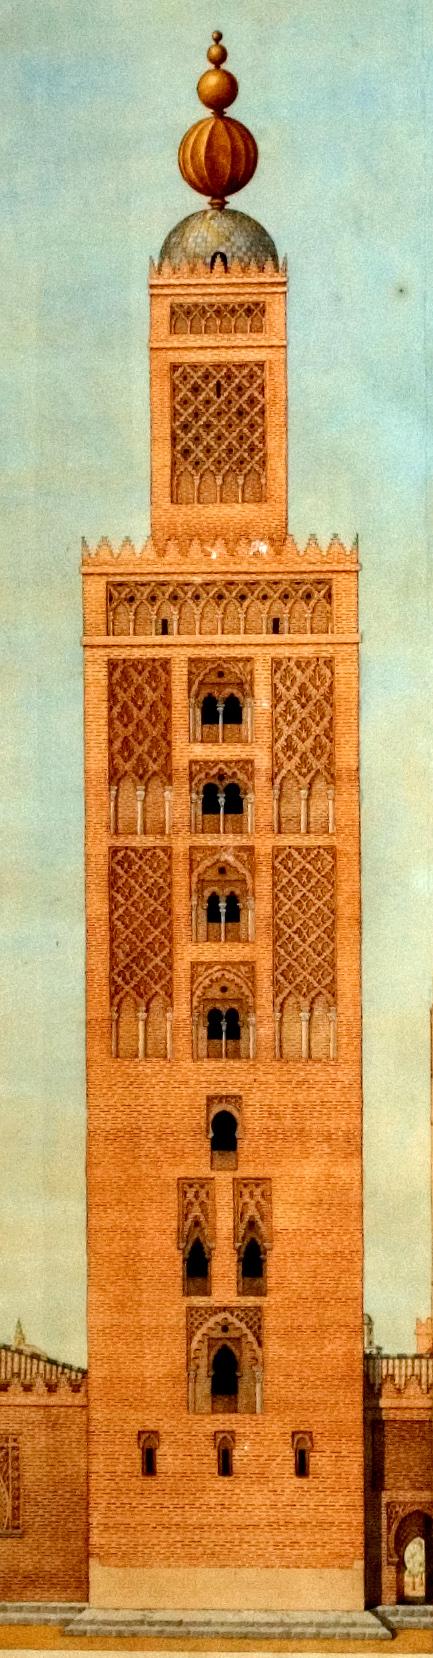 Le minaret de la Giralda à Séville à l'époque almohade.